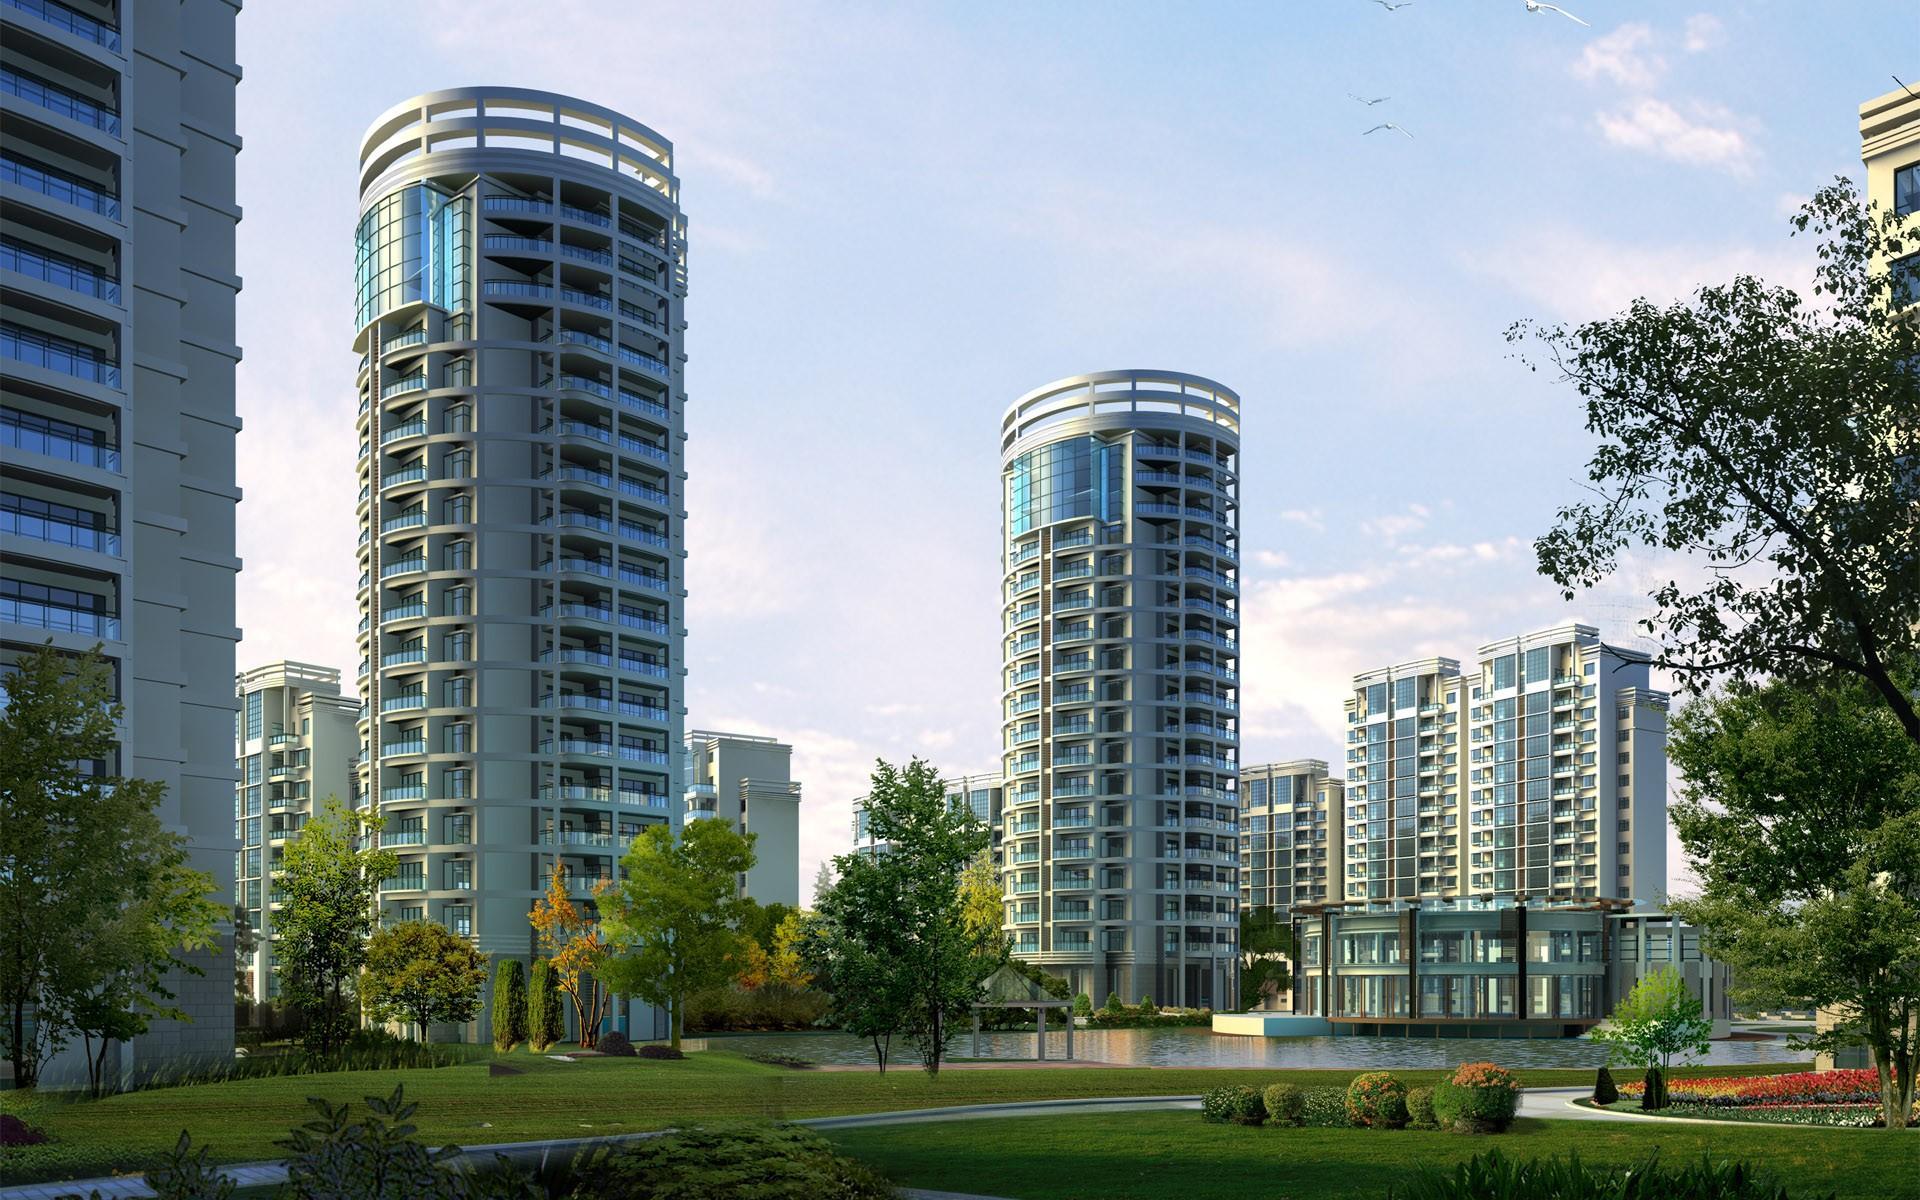 Картинка многоэтажных домов в городе